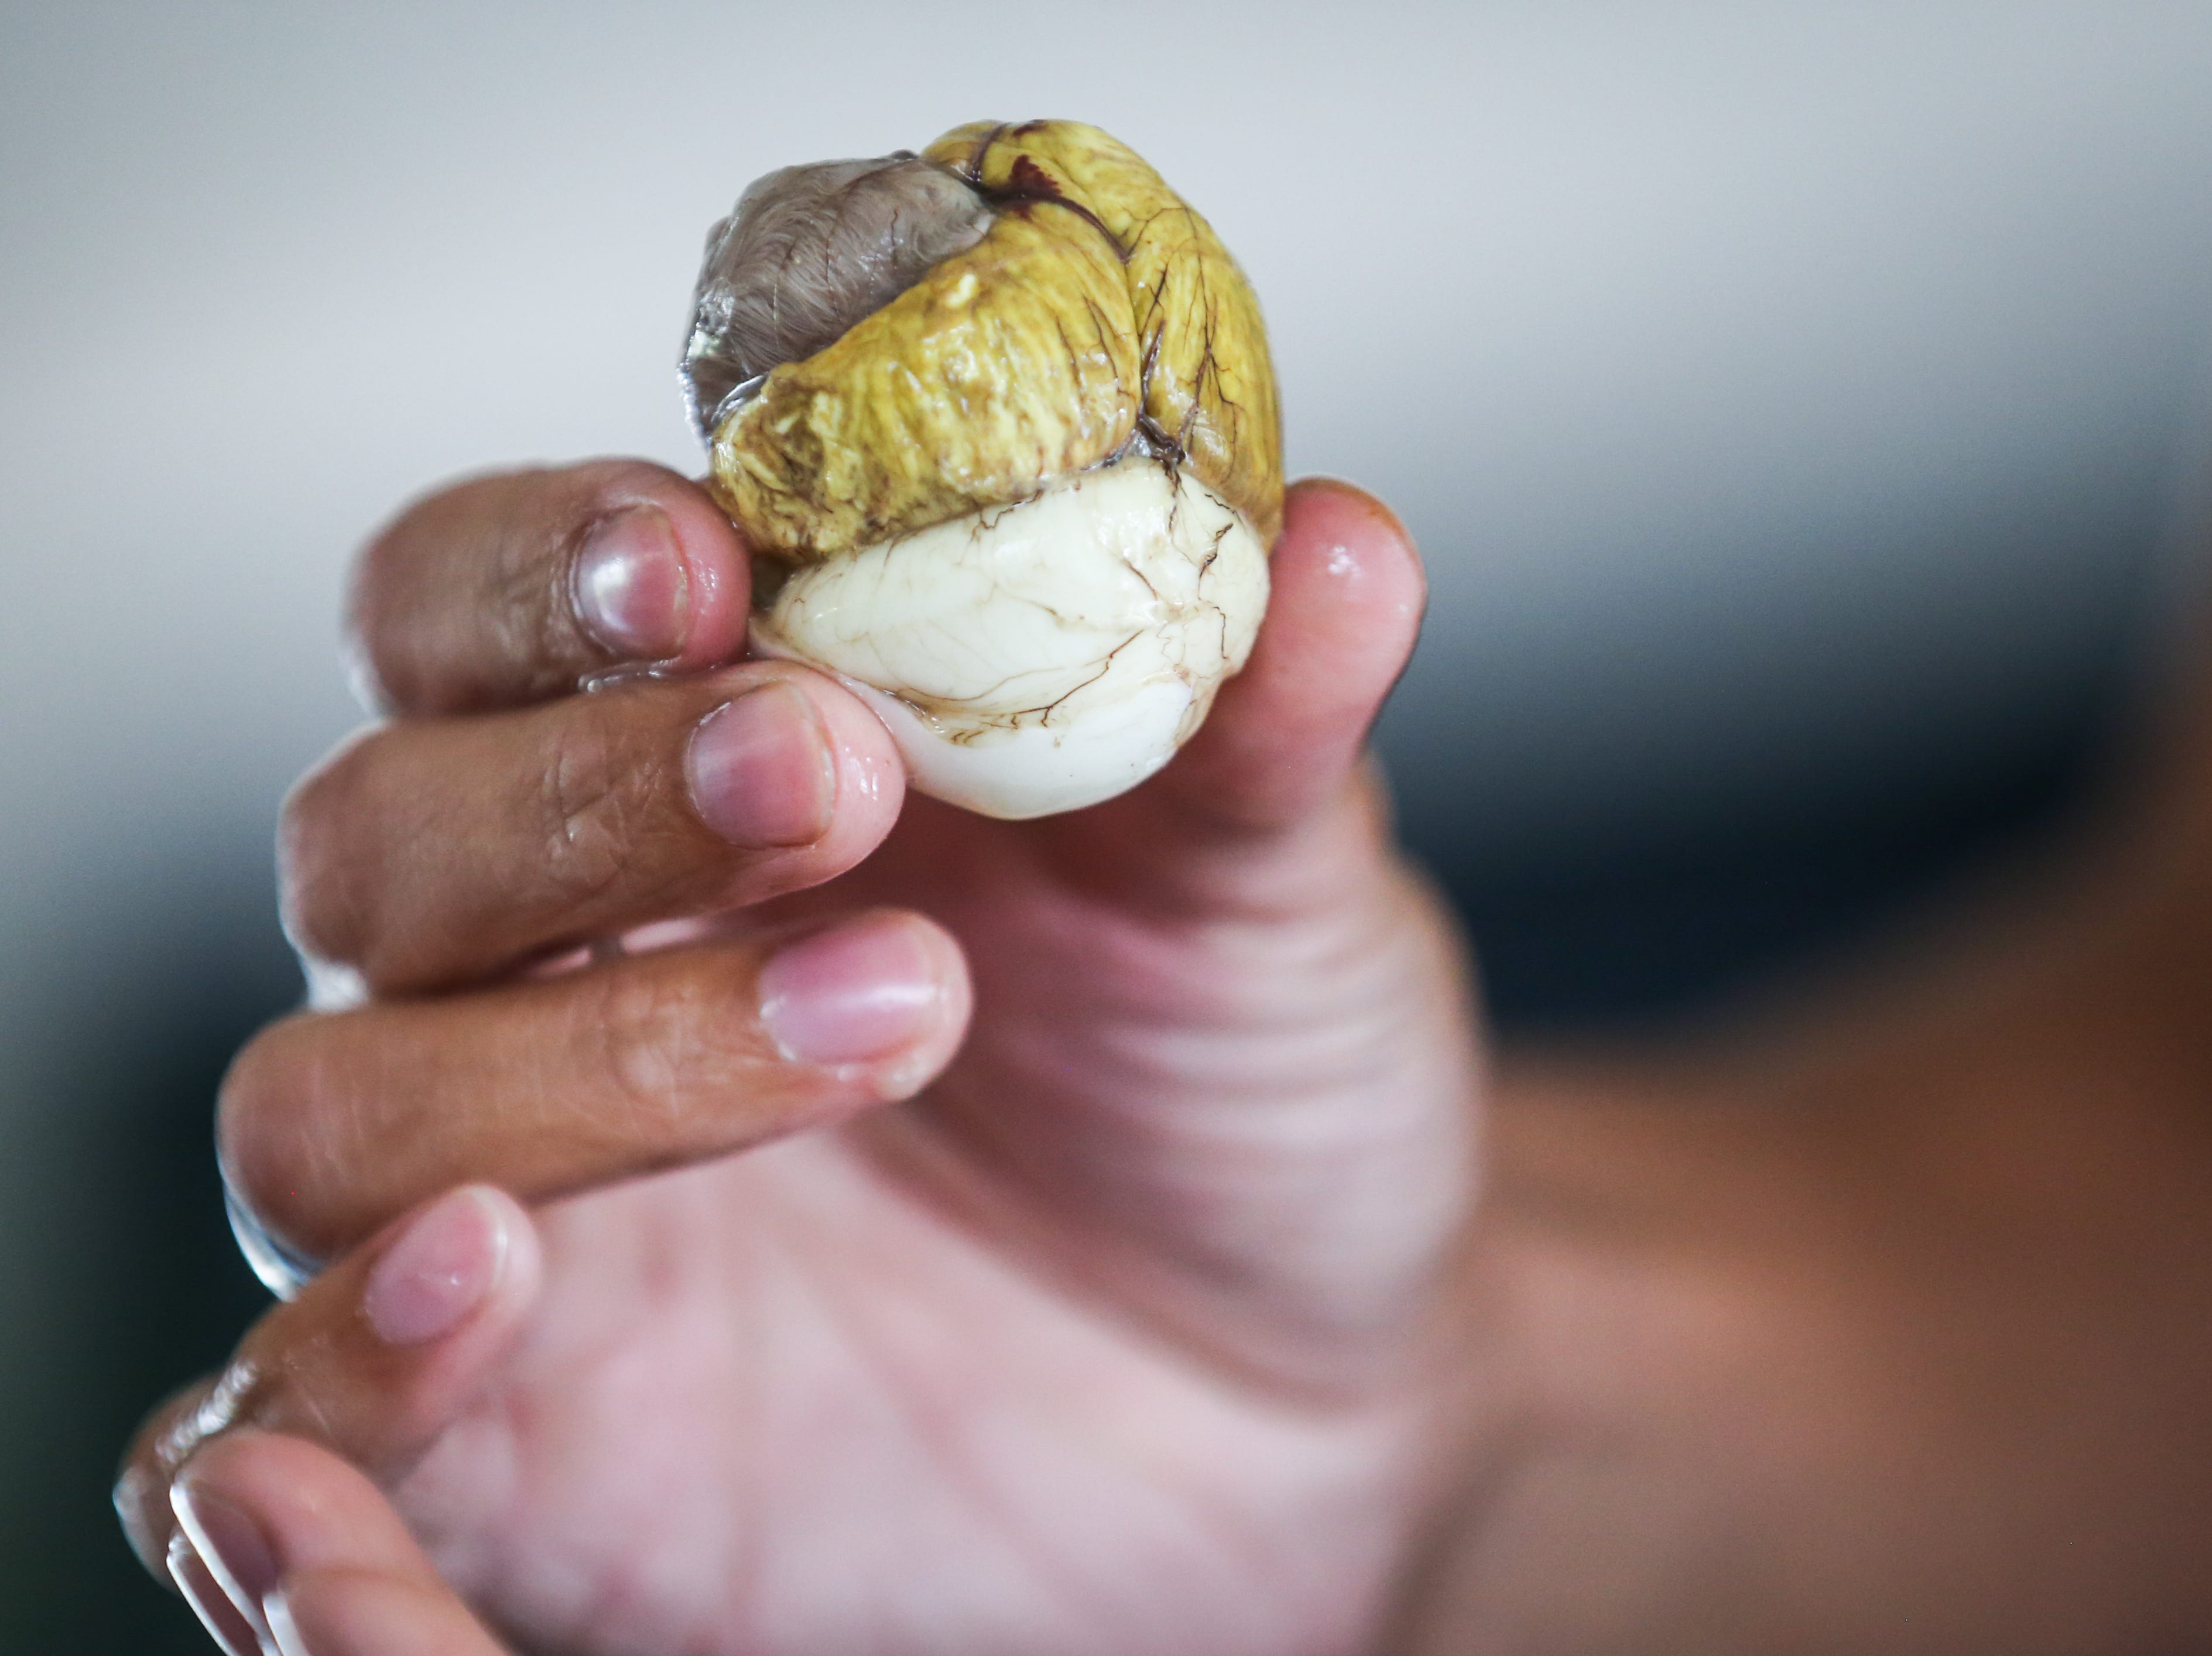 Maynard Zamora eats a balut during the Asian Bazaar Saturday, Oct. 20, 2018, at El Paseo de Santa Angela.